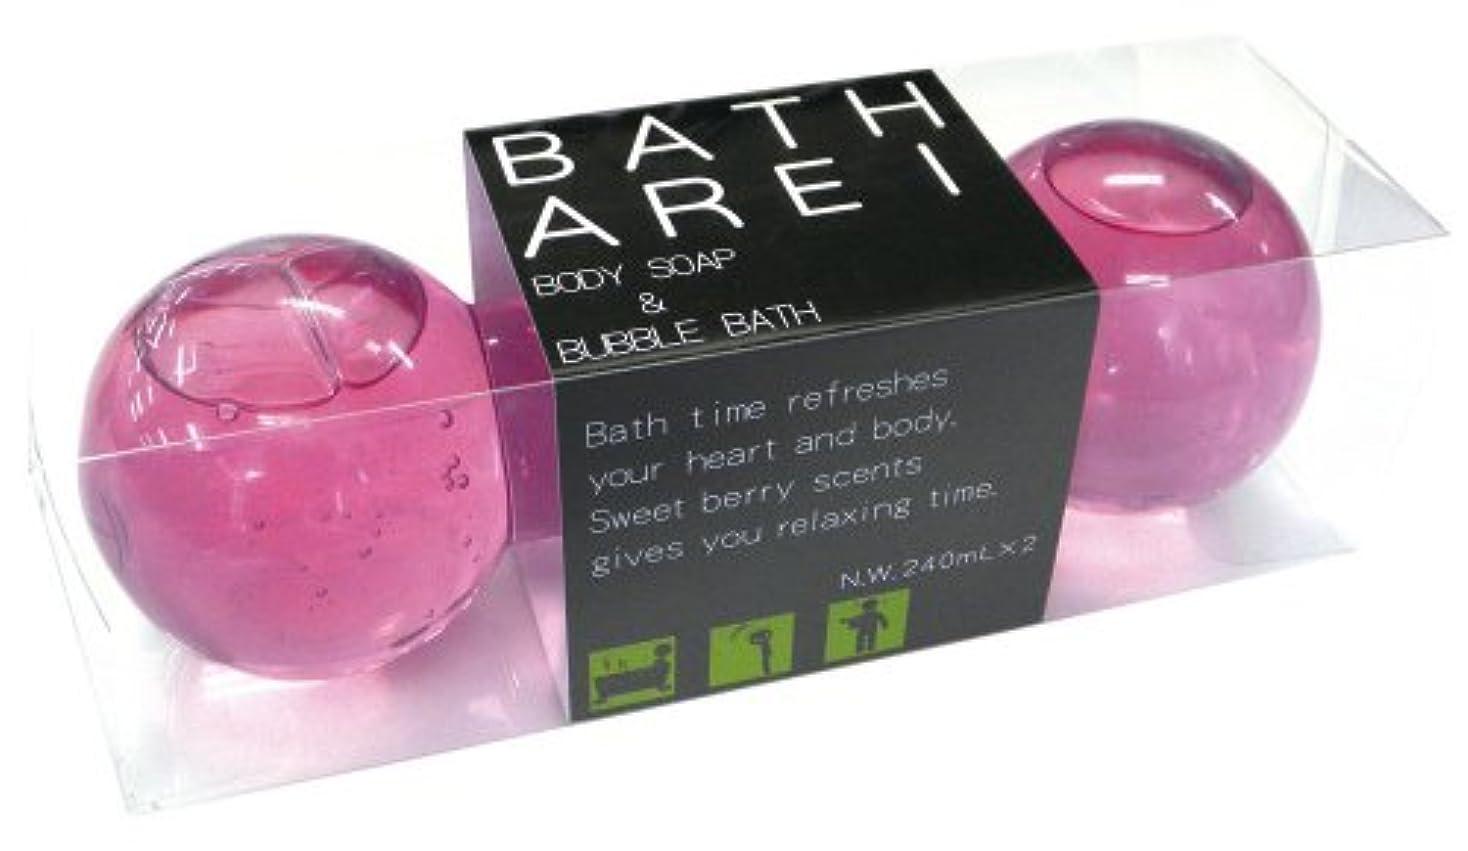 不誠実セクション硬さノルコーポレーション バブルバス&ボディソープ ダンベル バスアレイ ストロベリーの香り OB-ARE-2-2